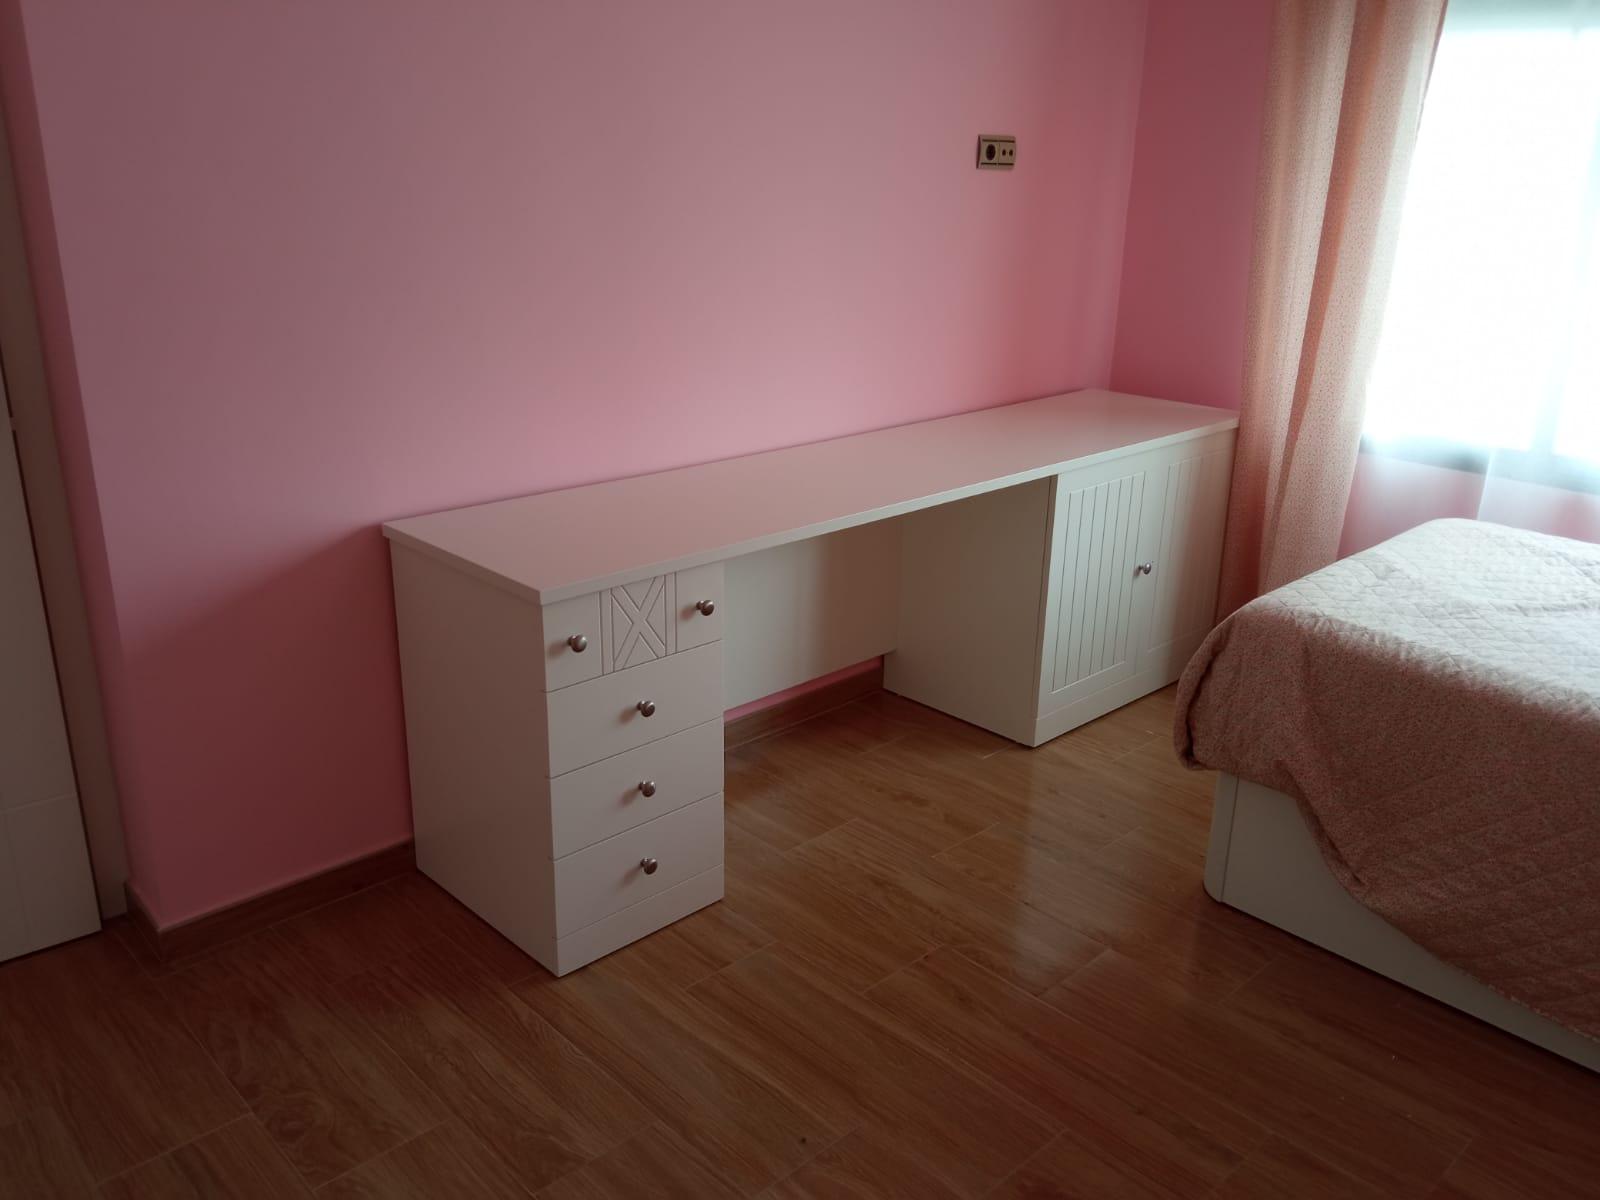 Habitación juvenil que acompañe a tus hijos muchos años